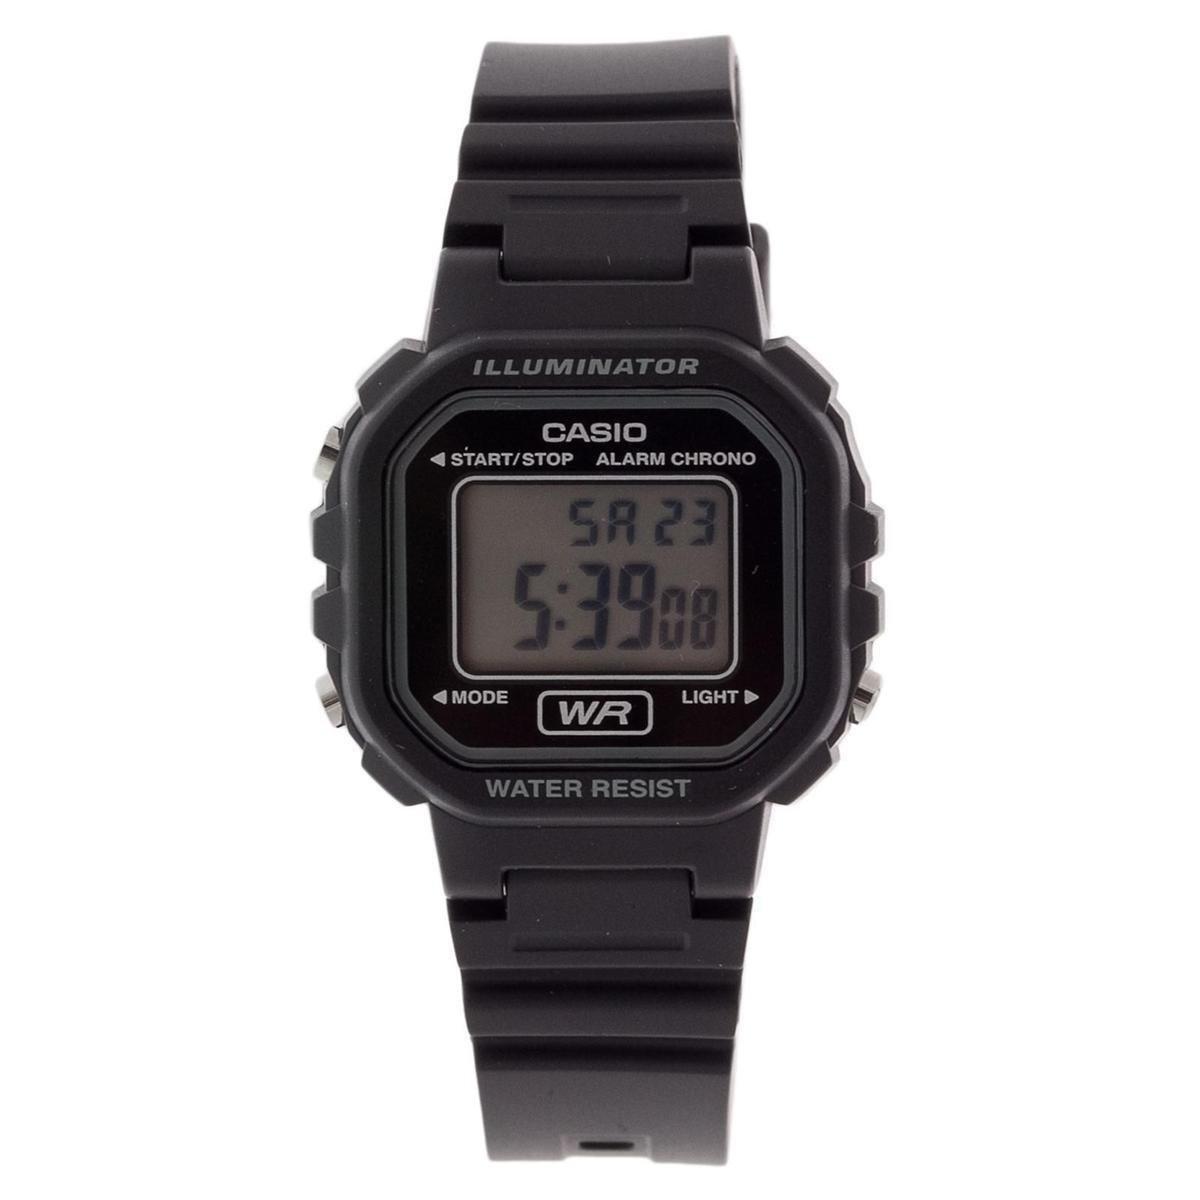 892fc3311d6 Relógio Casio Digital - Compre Agora